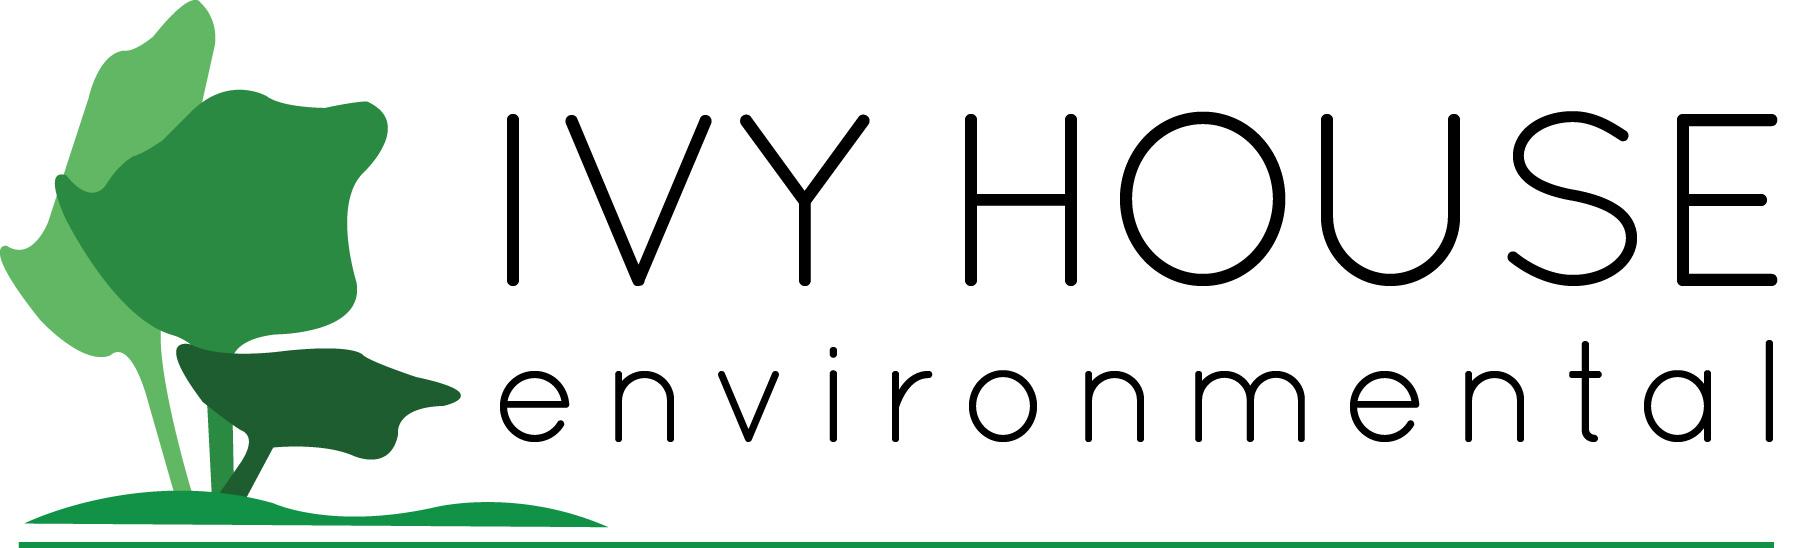 Ivy House Environmental